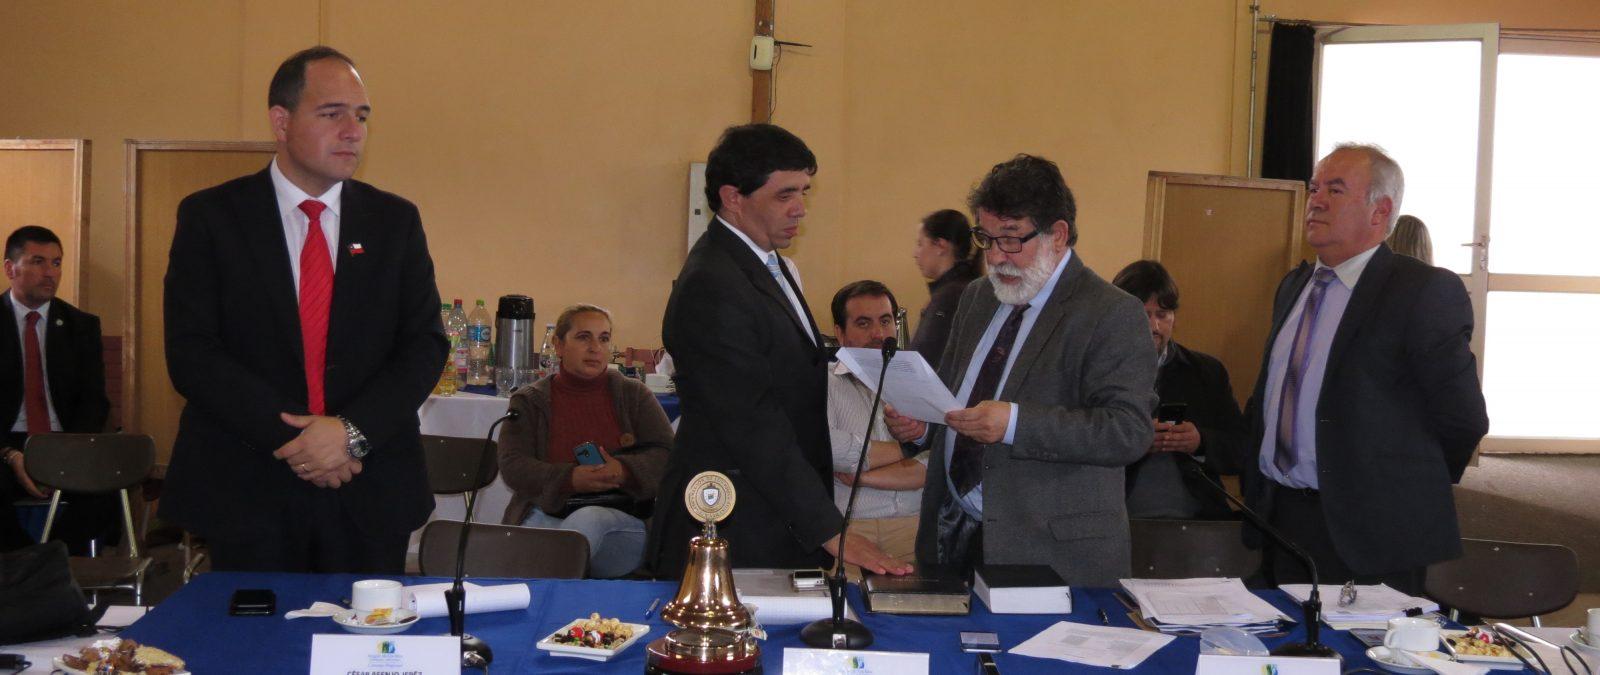 Elías Sabat es el nuevo Presidente del Consejo Regional de Los Ríos